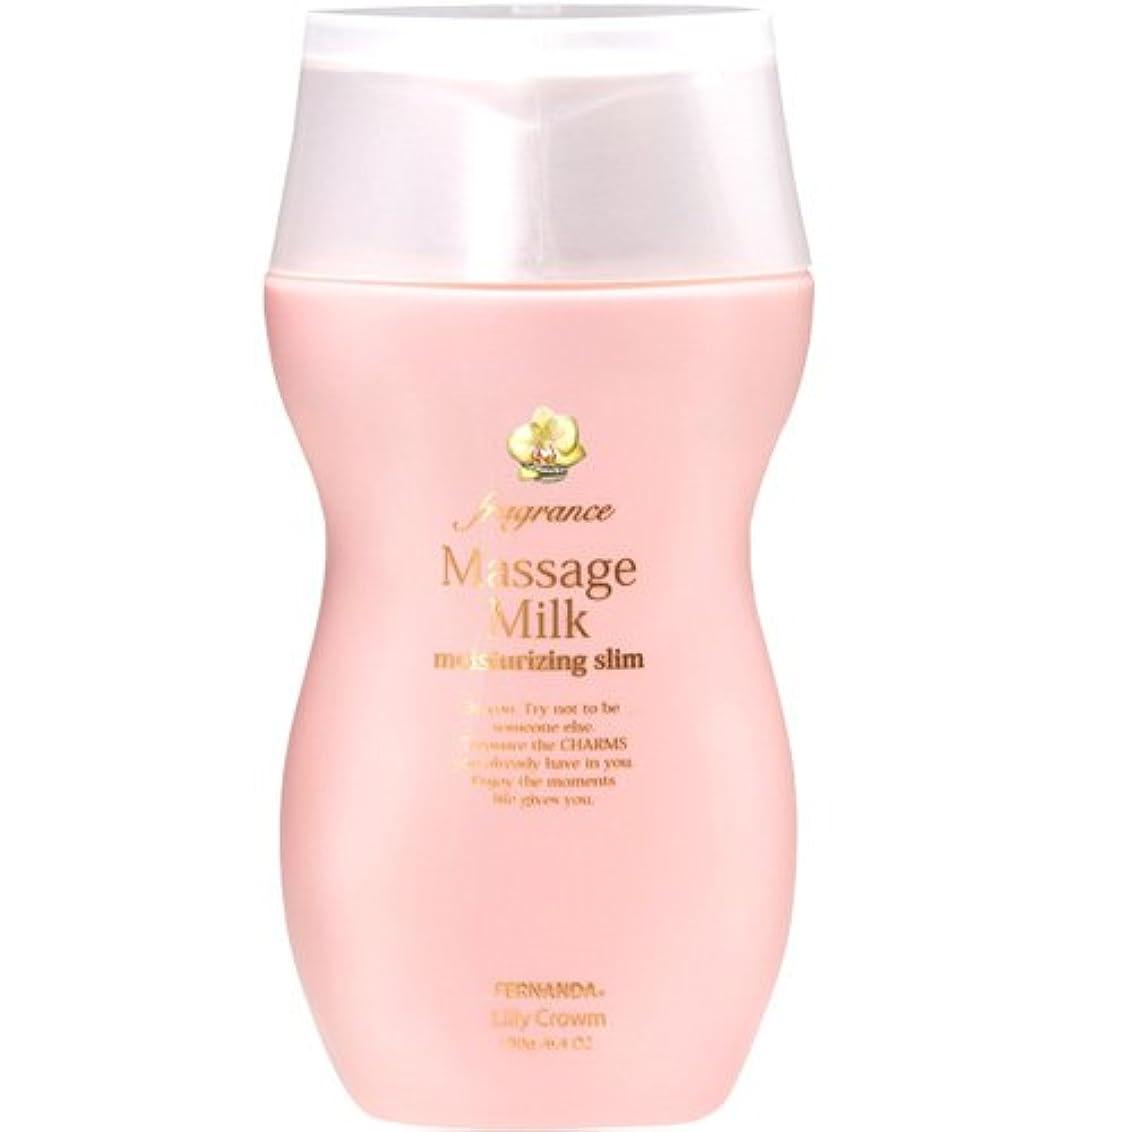 ムス退院特異なFERNANDA(フェルナンダ) Massage Milk Lilly Crown (マッサージミルク リリークラウン)